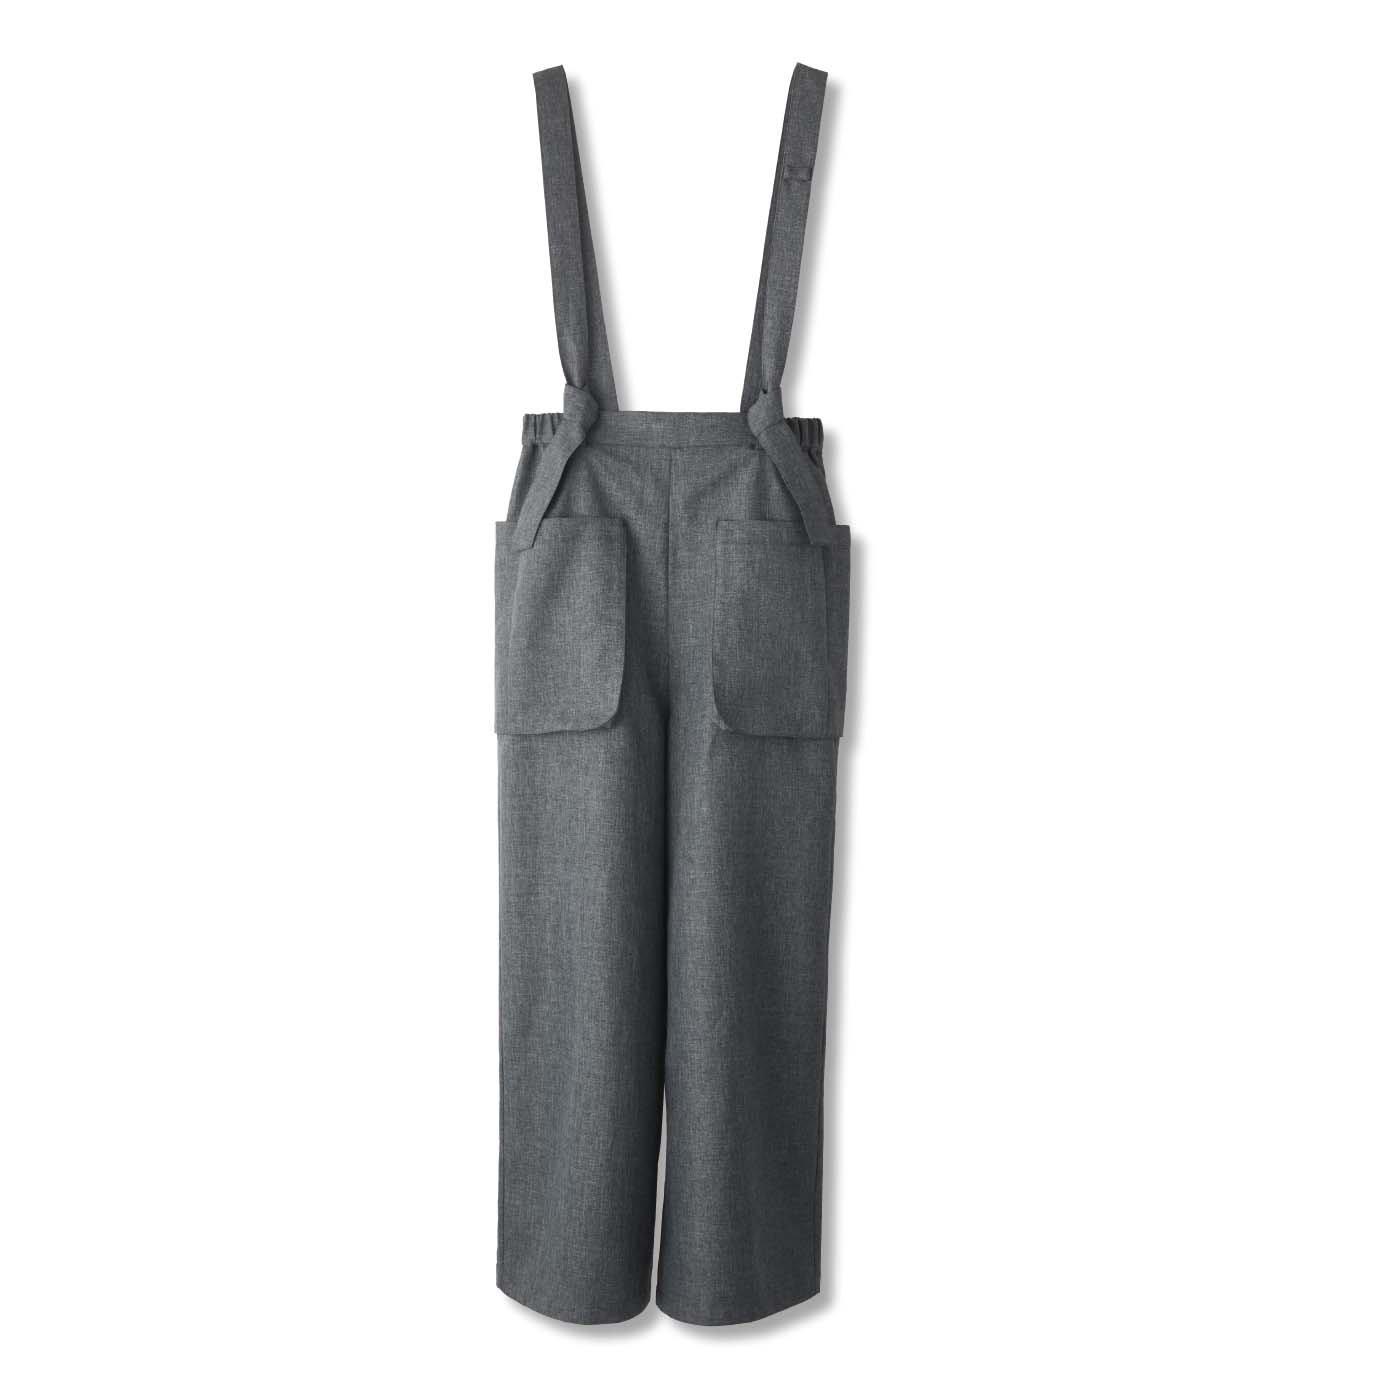 UP.de 着られるバッグ はたらきもののポケットいっぱい サロペットパンツの会